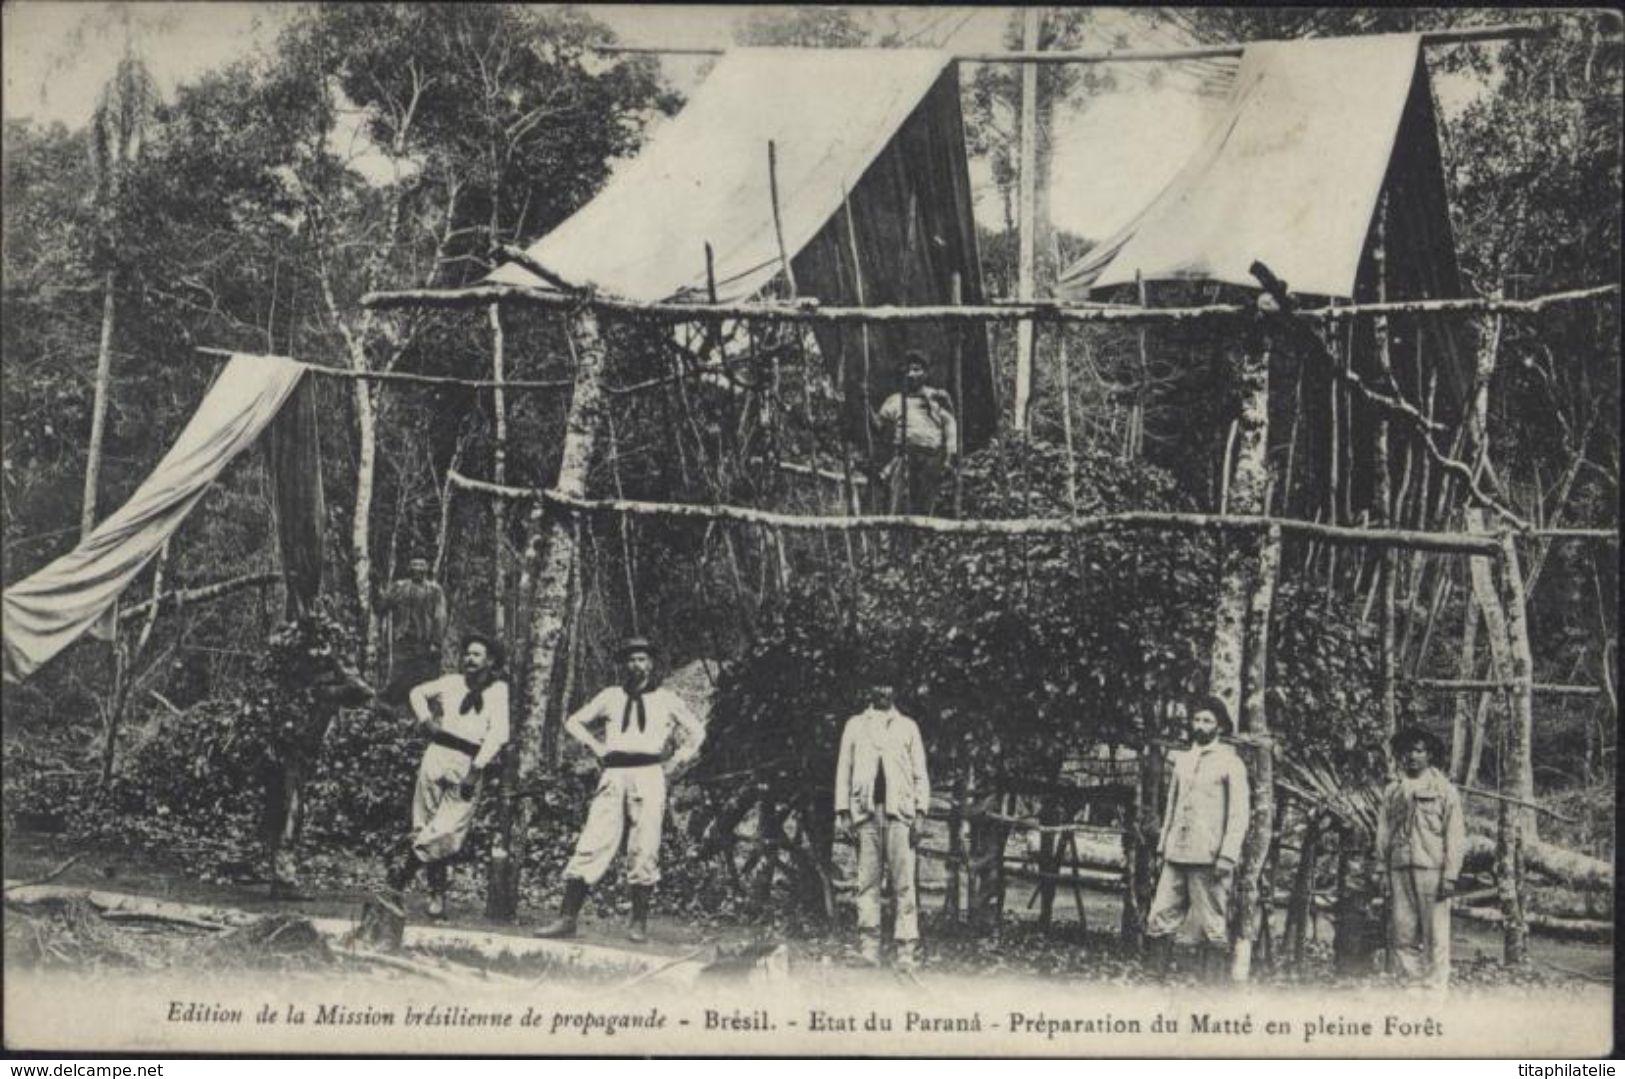 CPA Brésil Etat Du Parana Préparation Du Matté En Pleine Forêt Edition Mission Brésilienne De Propagande - Other